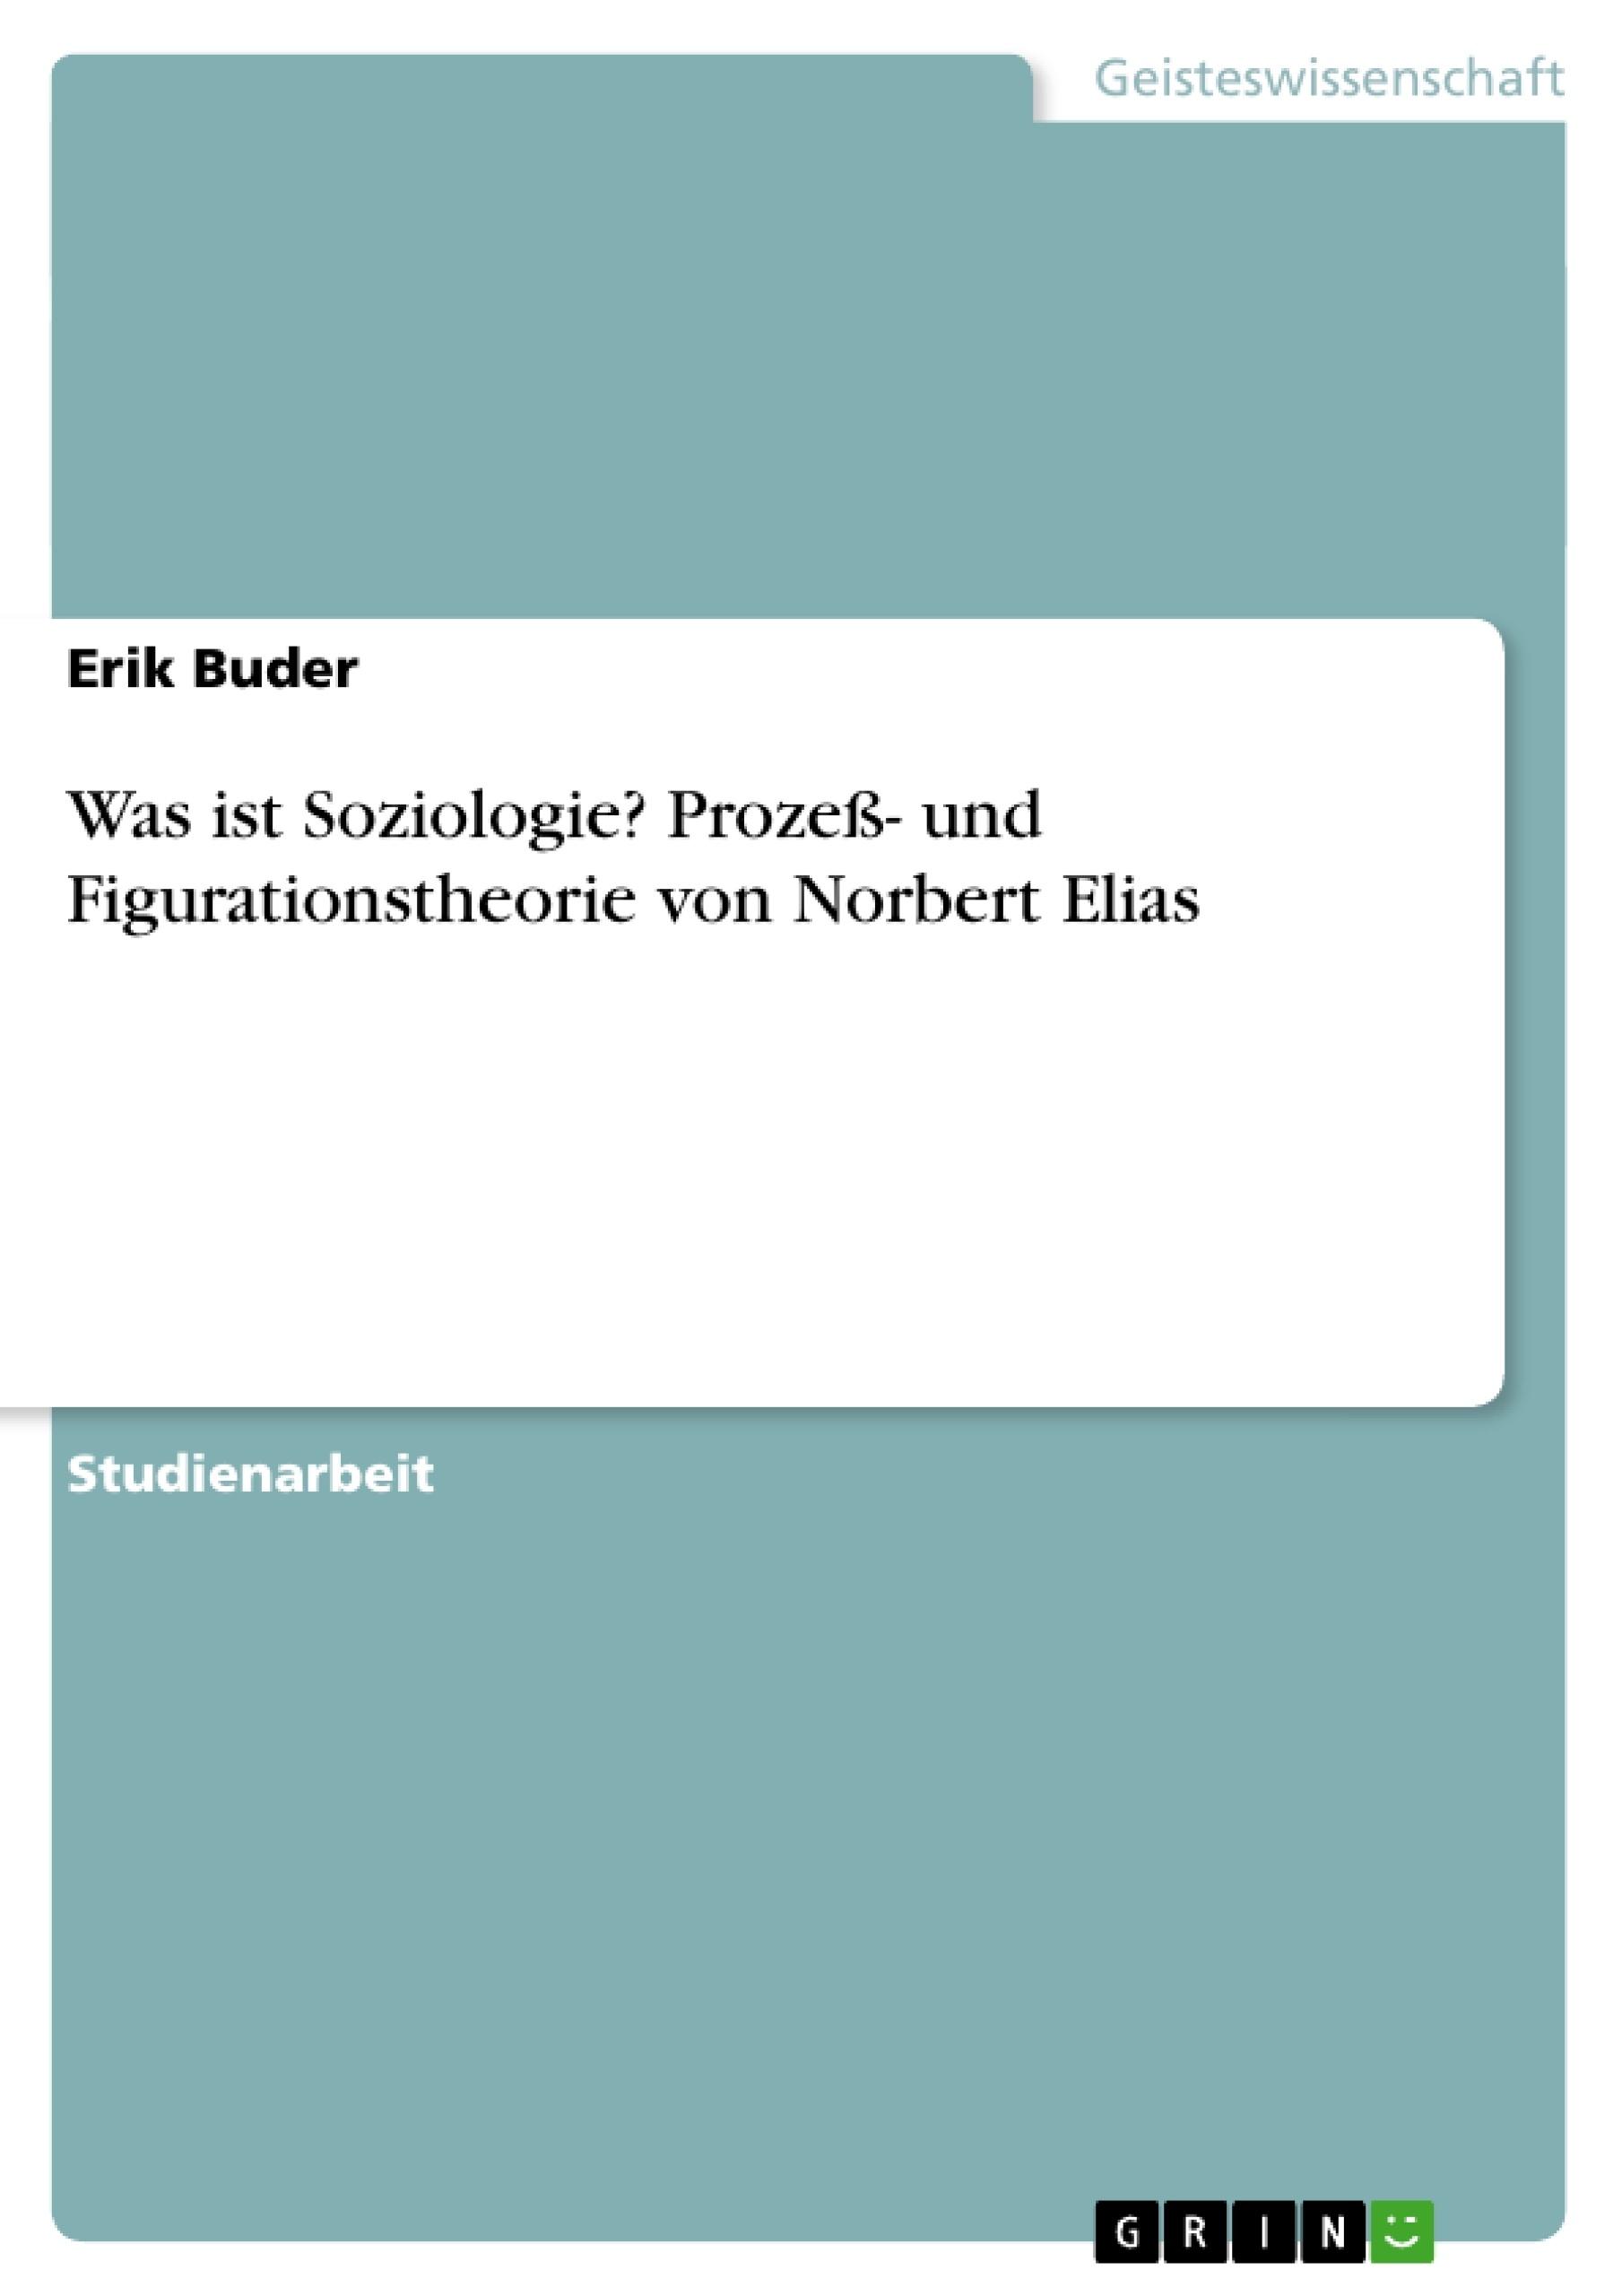 Titel: Was ist Soziologie? Prozeß- und Figurationstheorie von Norbert Elias